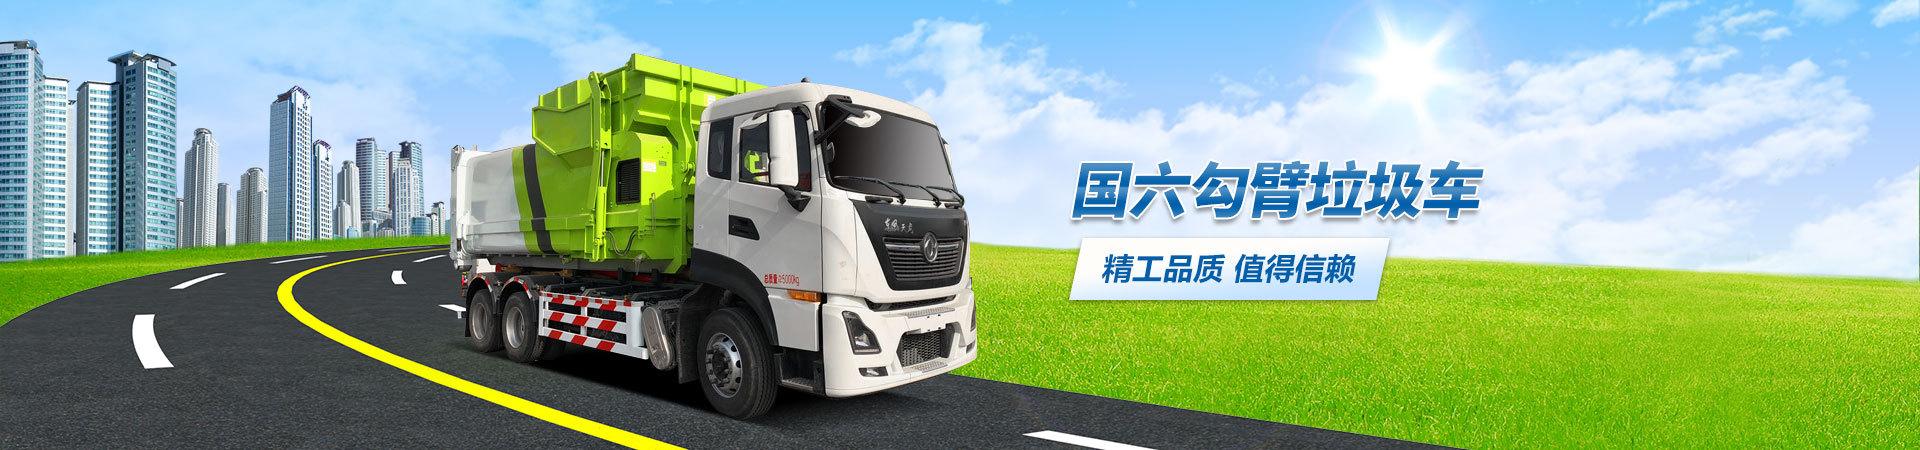 国六东风多利卡餐厨垃圾车_供应产品